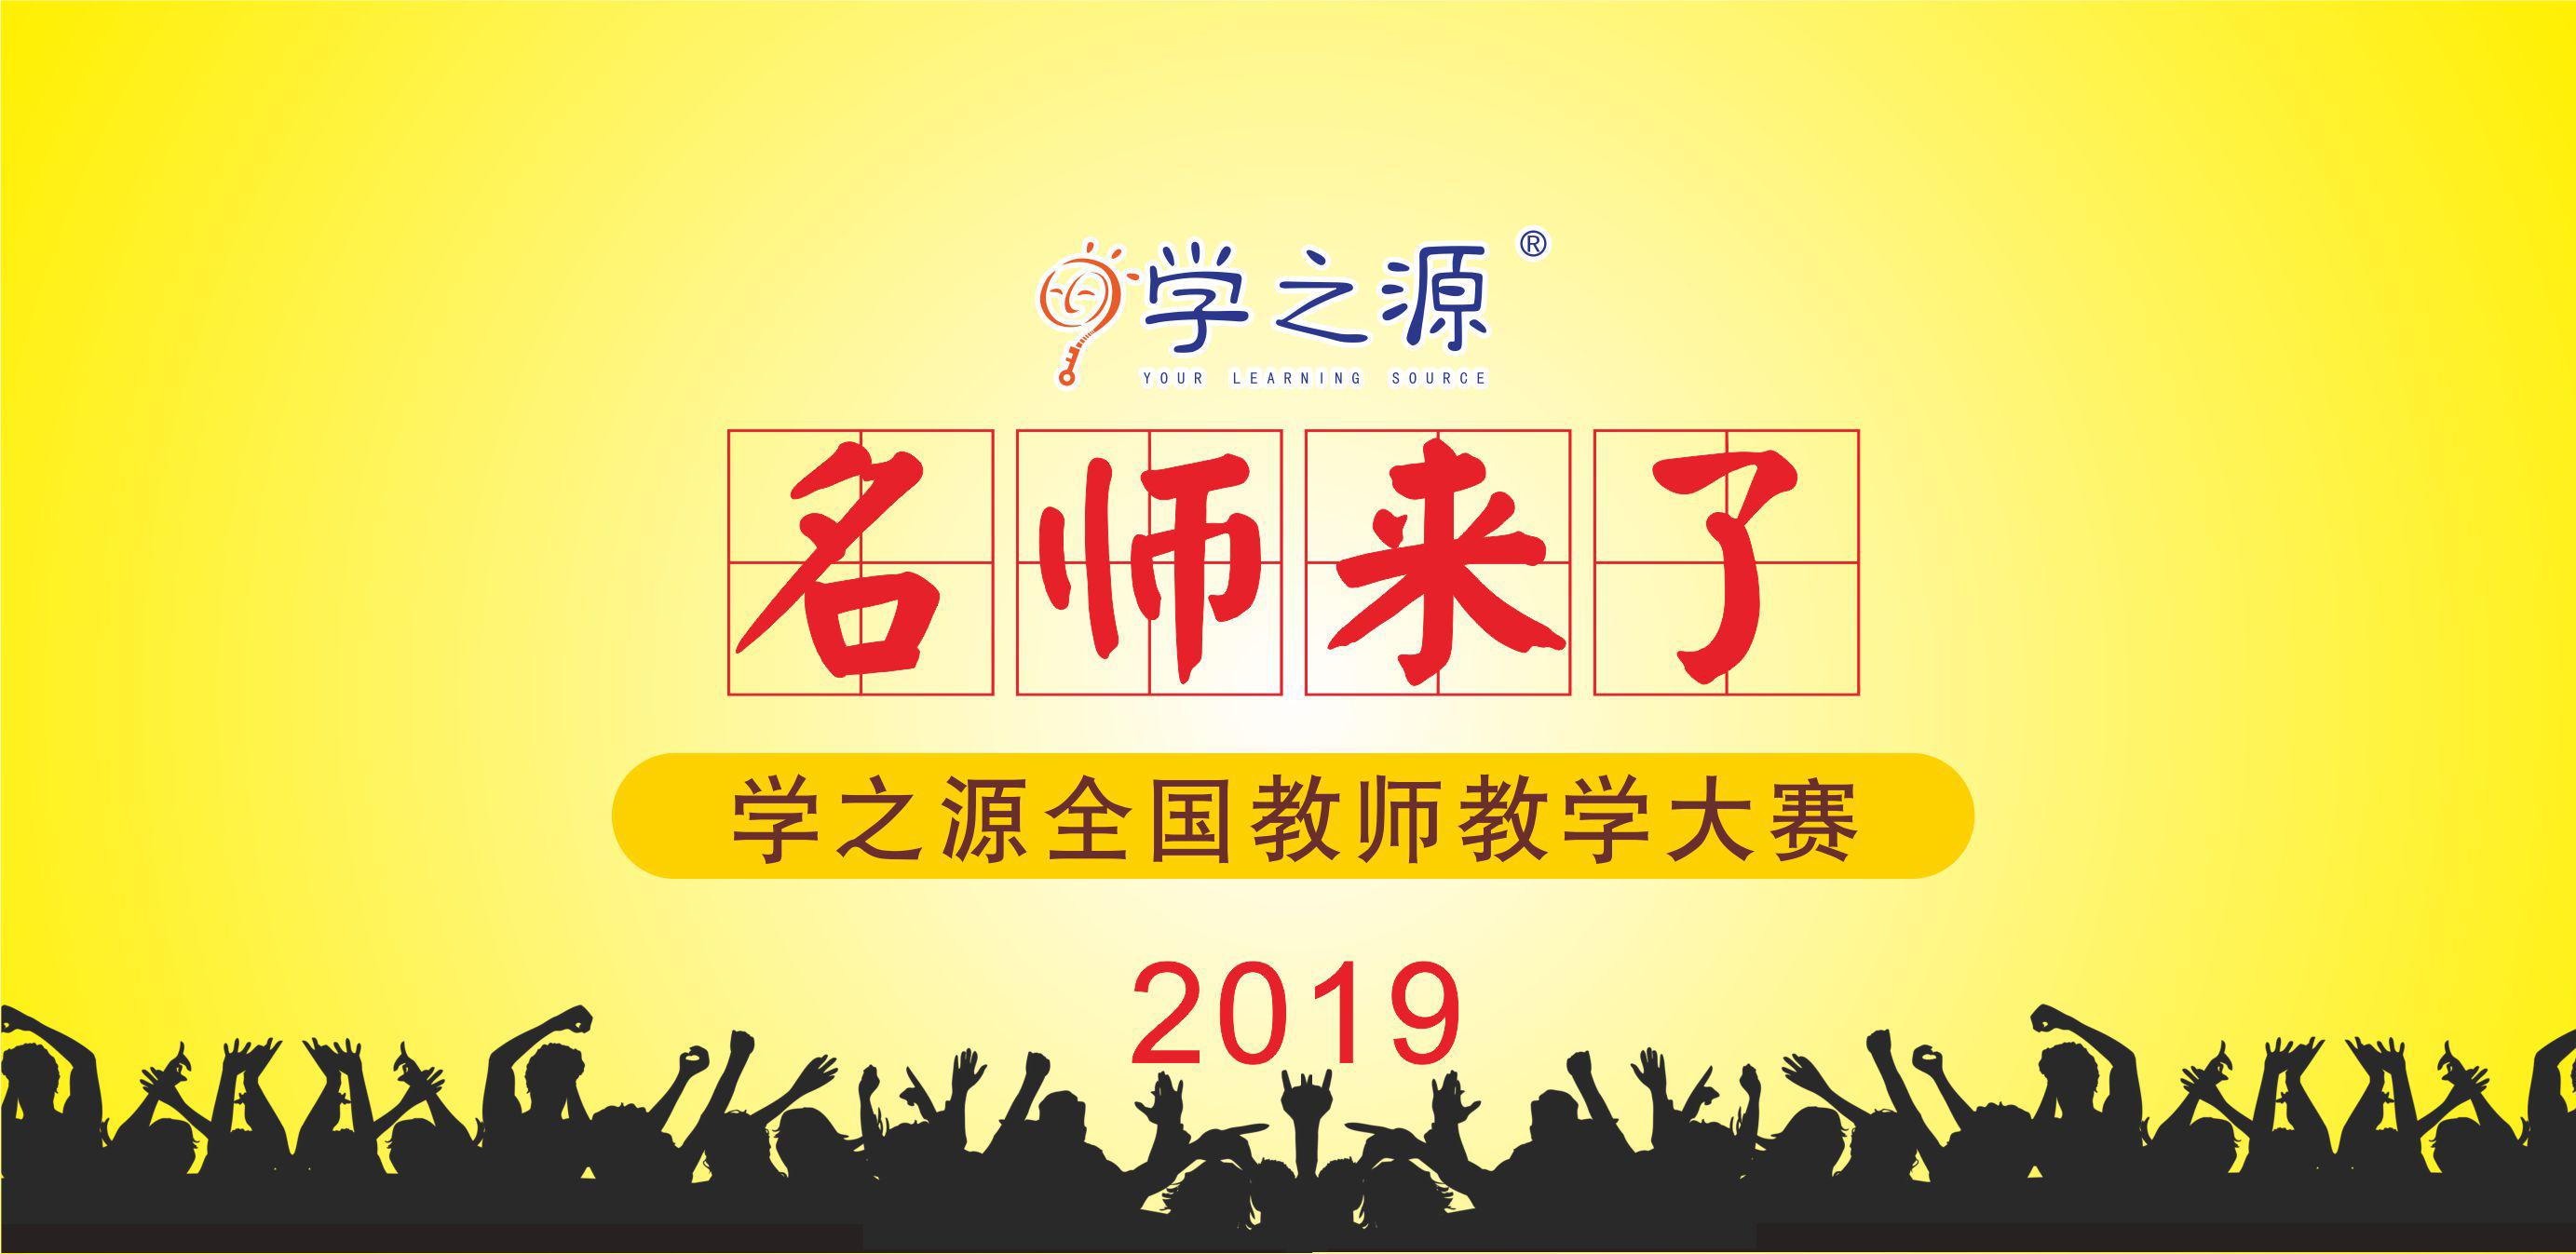 名师大赛-长-2019.jpg